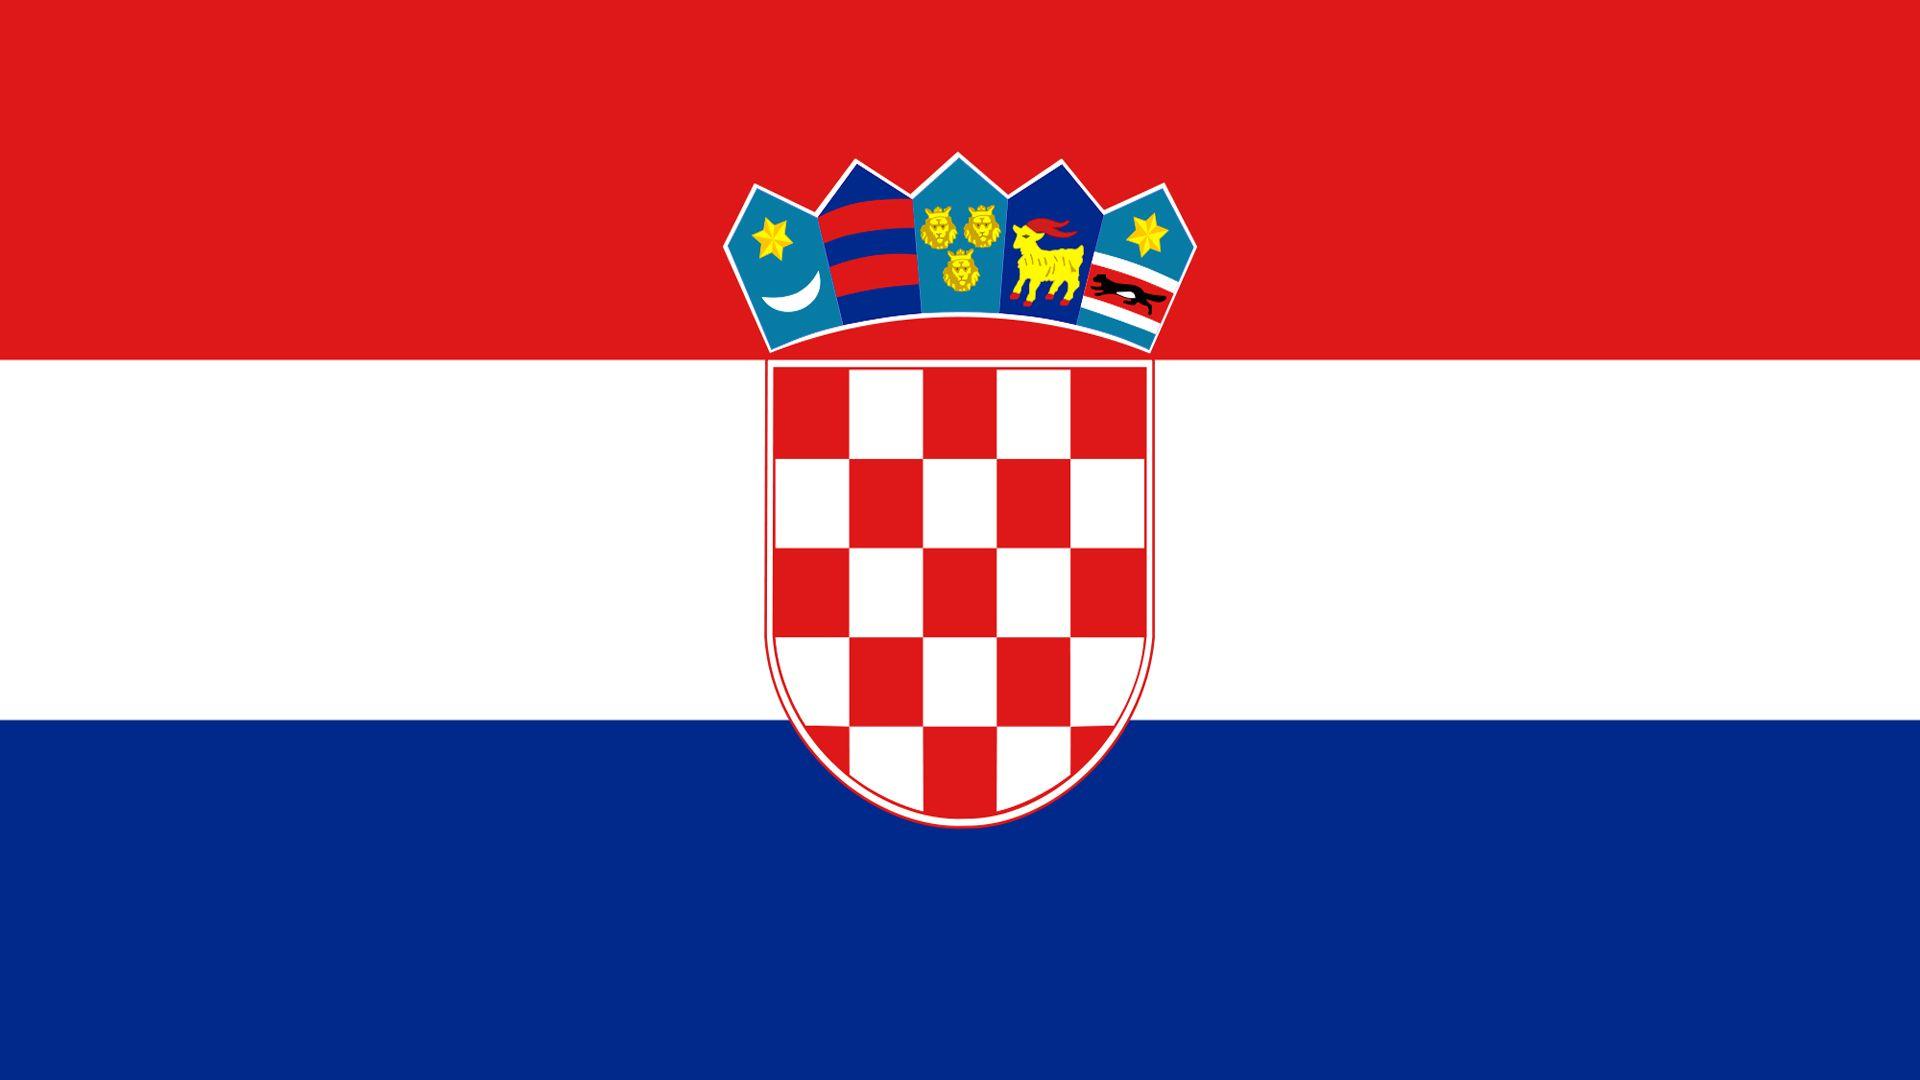 Эмблема ФК «Словаччина»